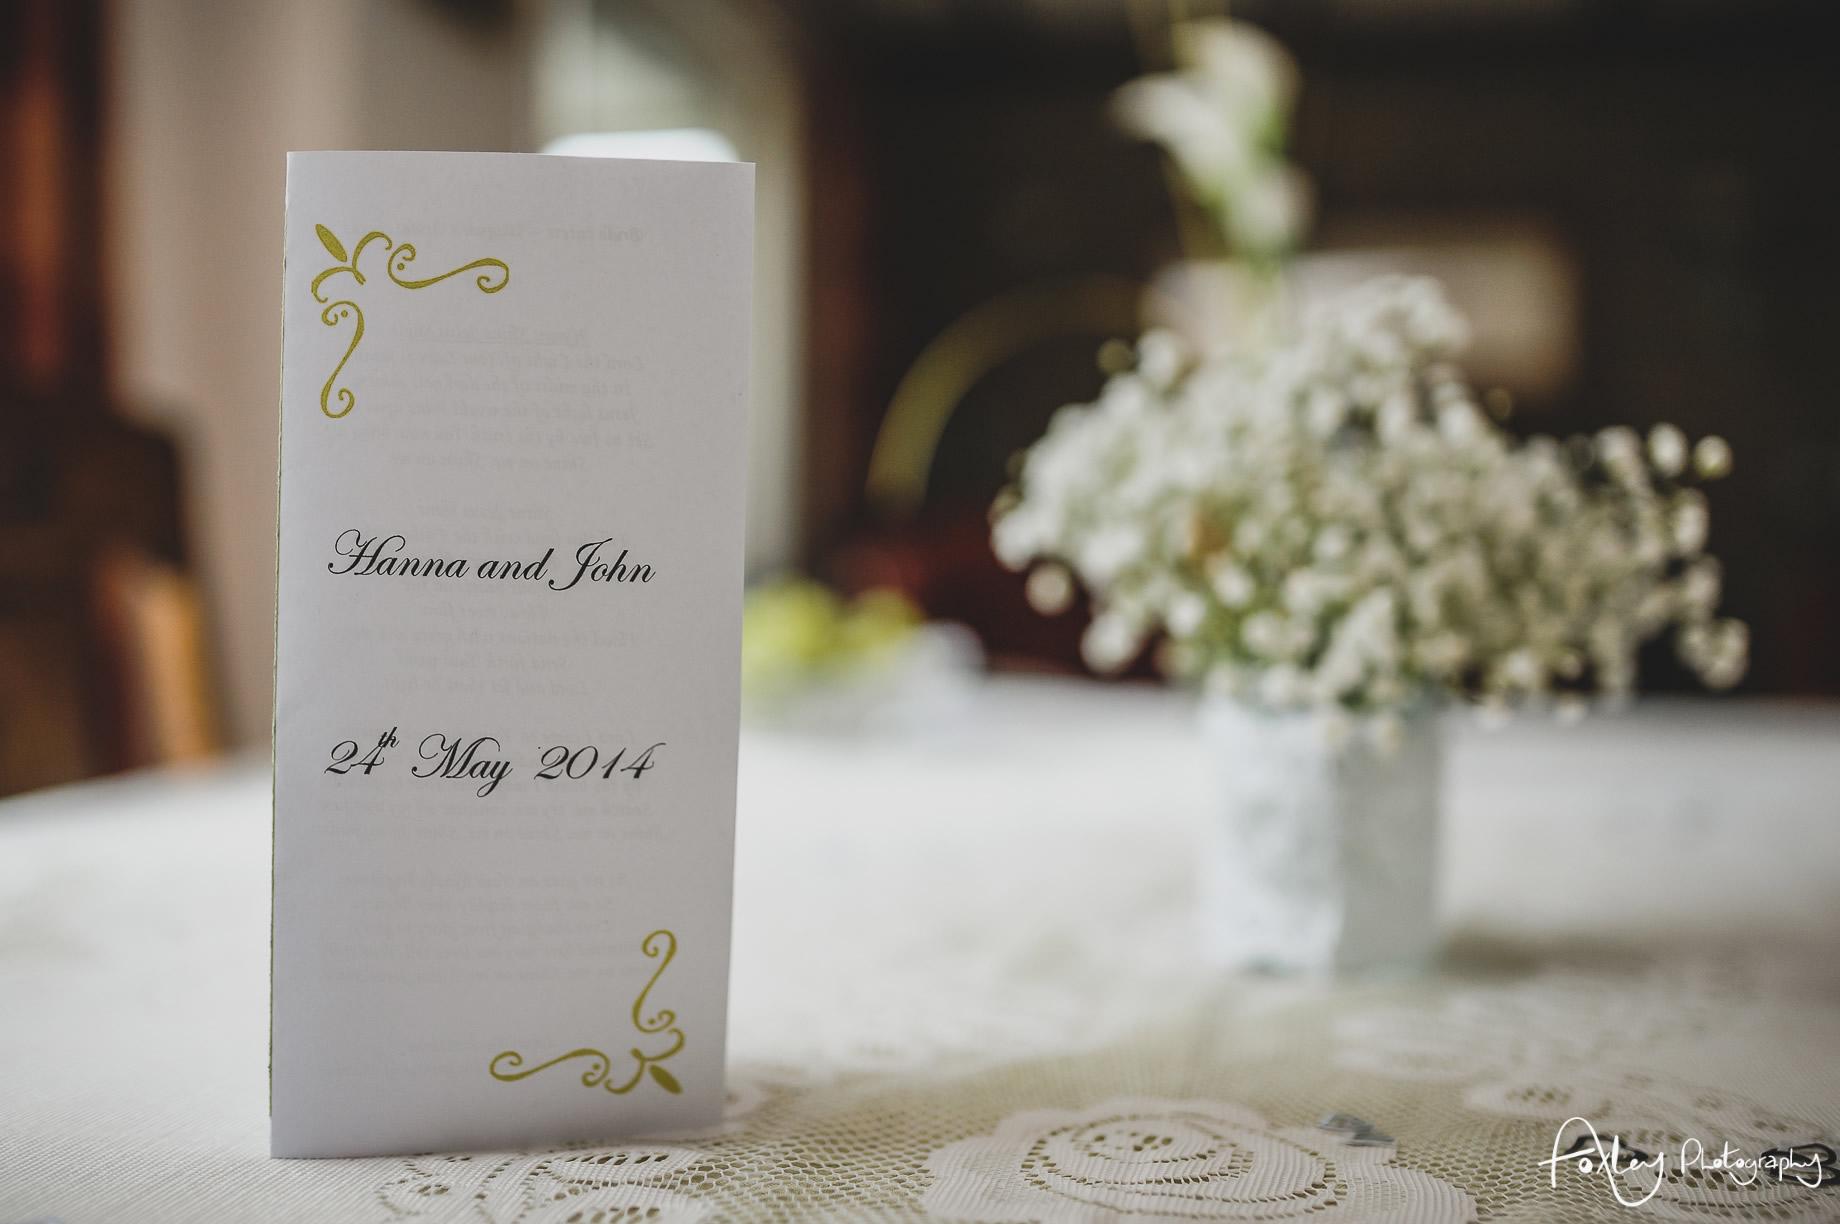 Hanna-and-John-Wedding-at-Oak-Royal-Golf-Club-027